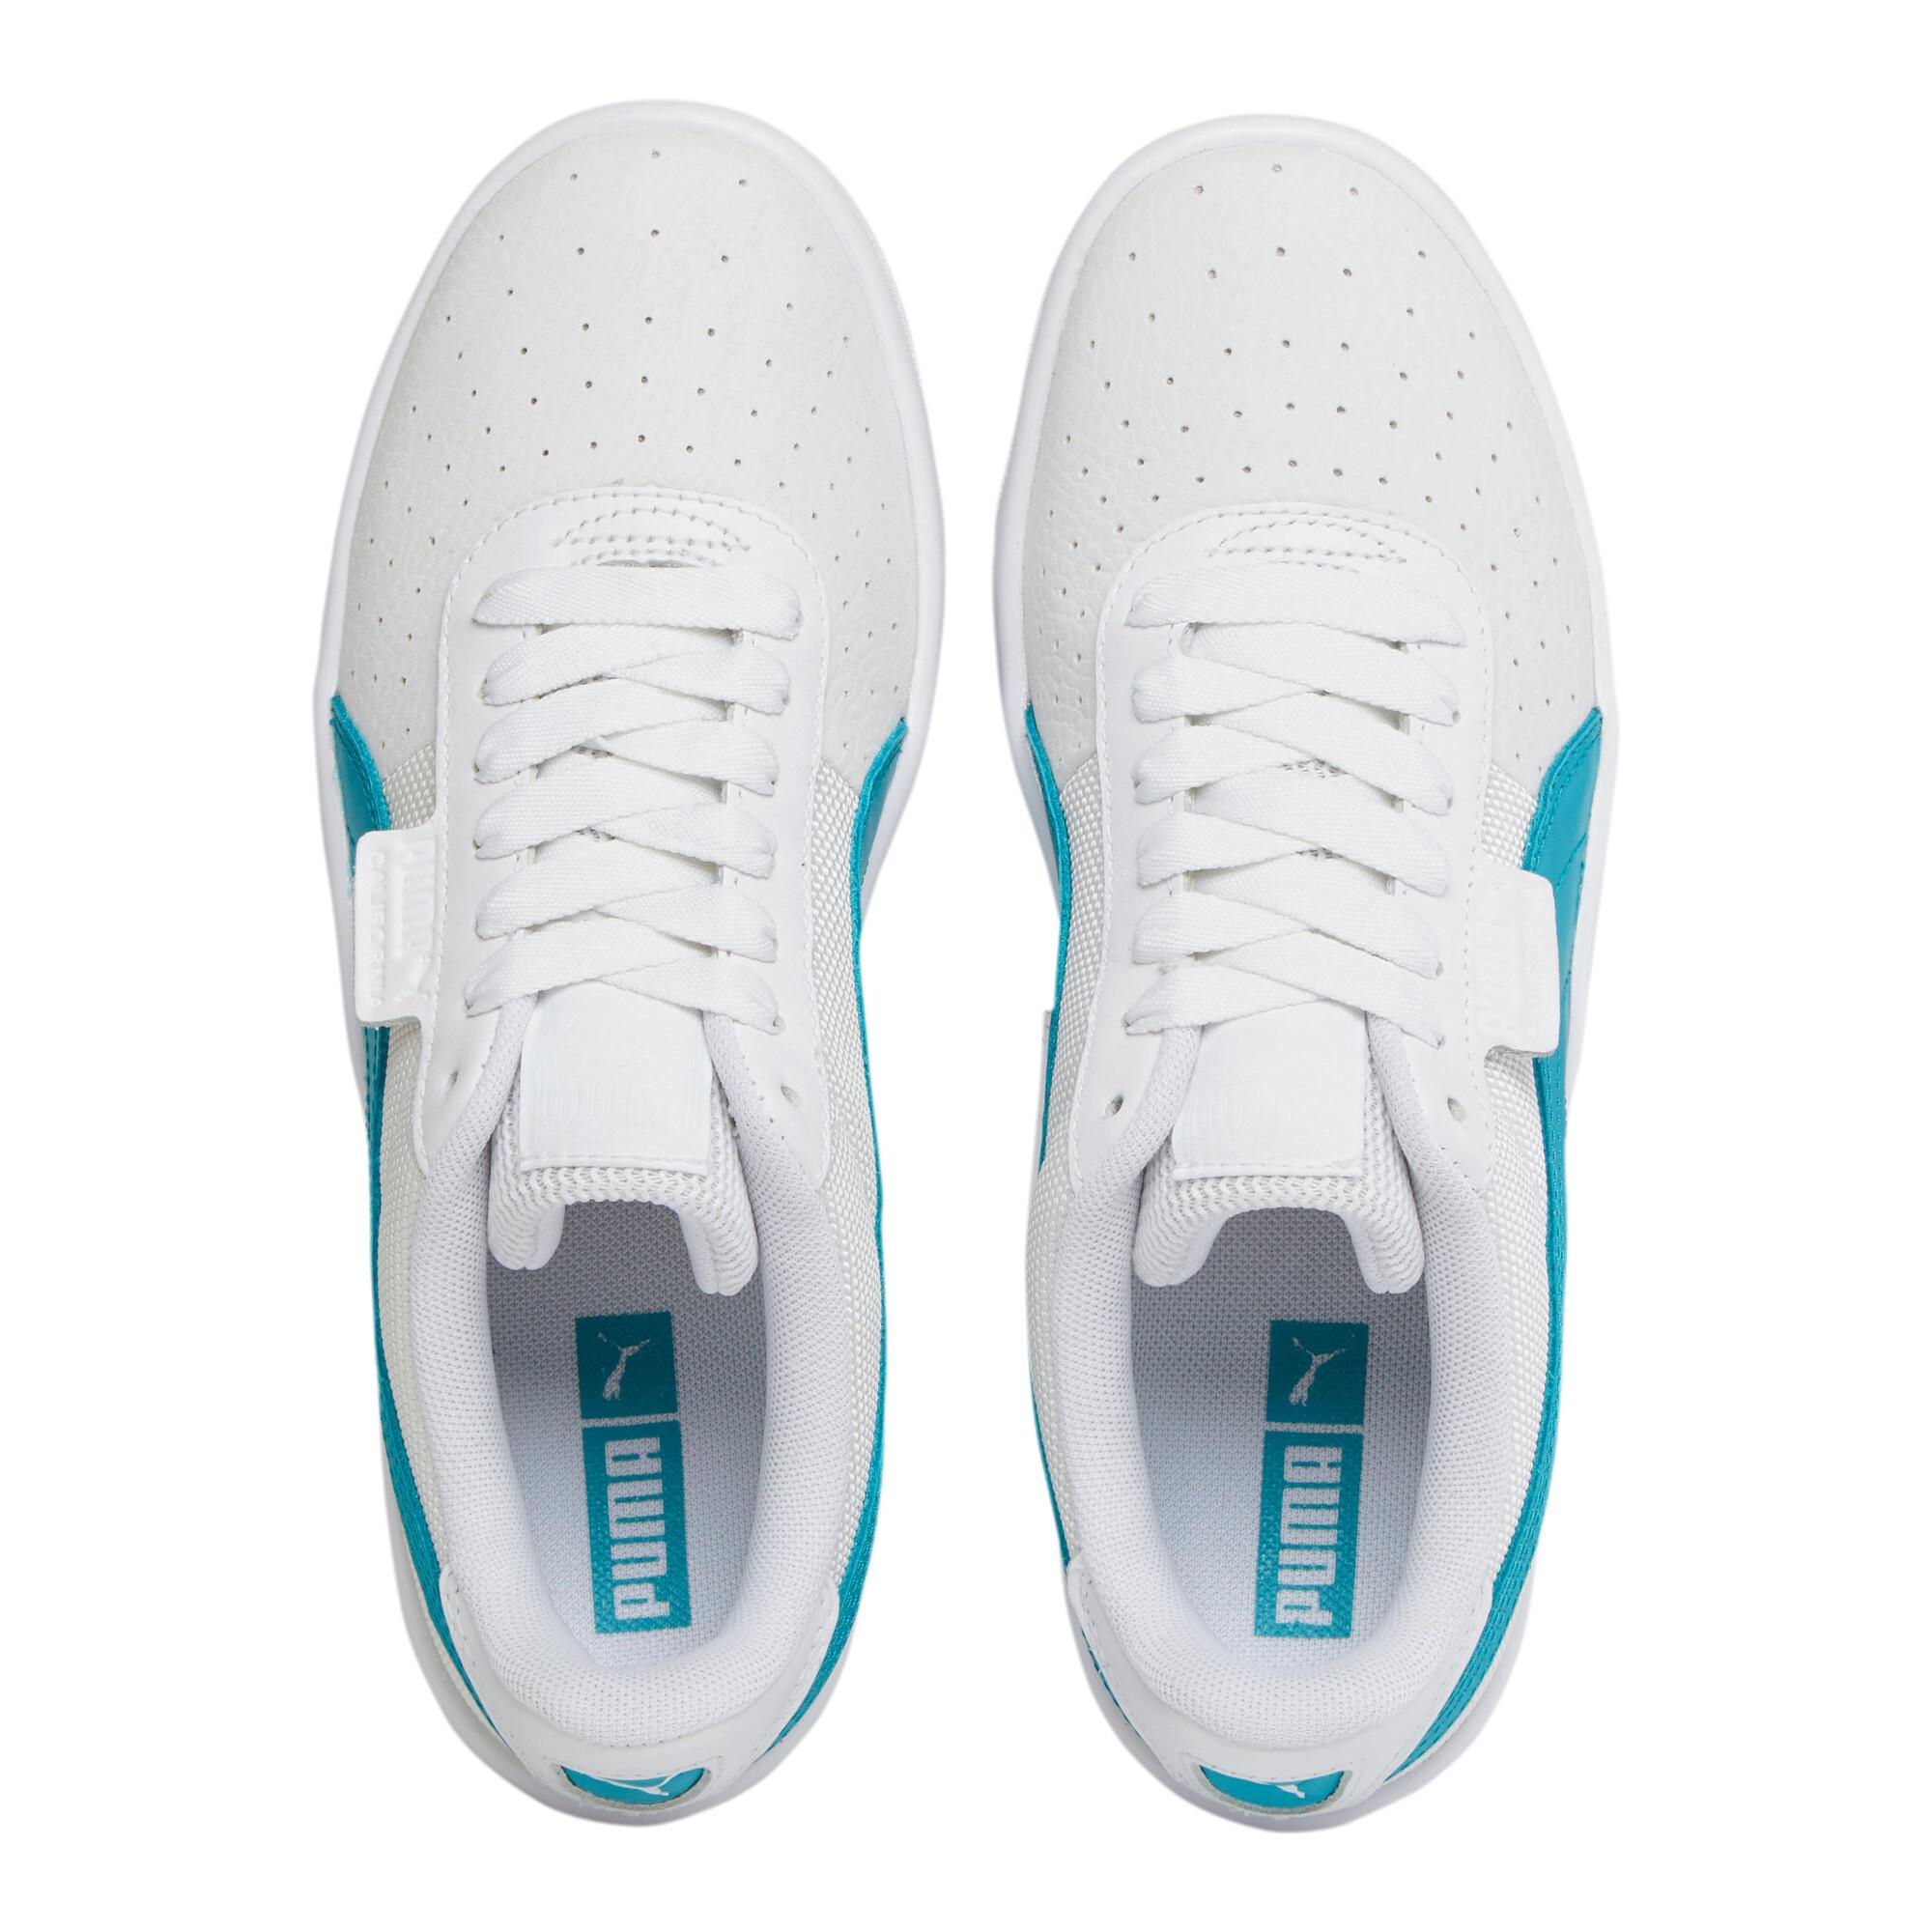 PUMA-California-Women-039-s-Sneakers-Women-Shoe-Sport-Classics thumbnail 24